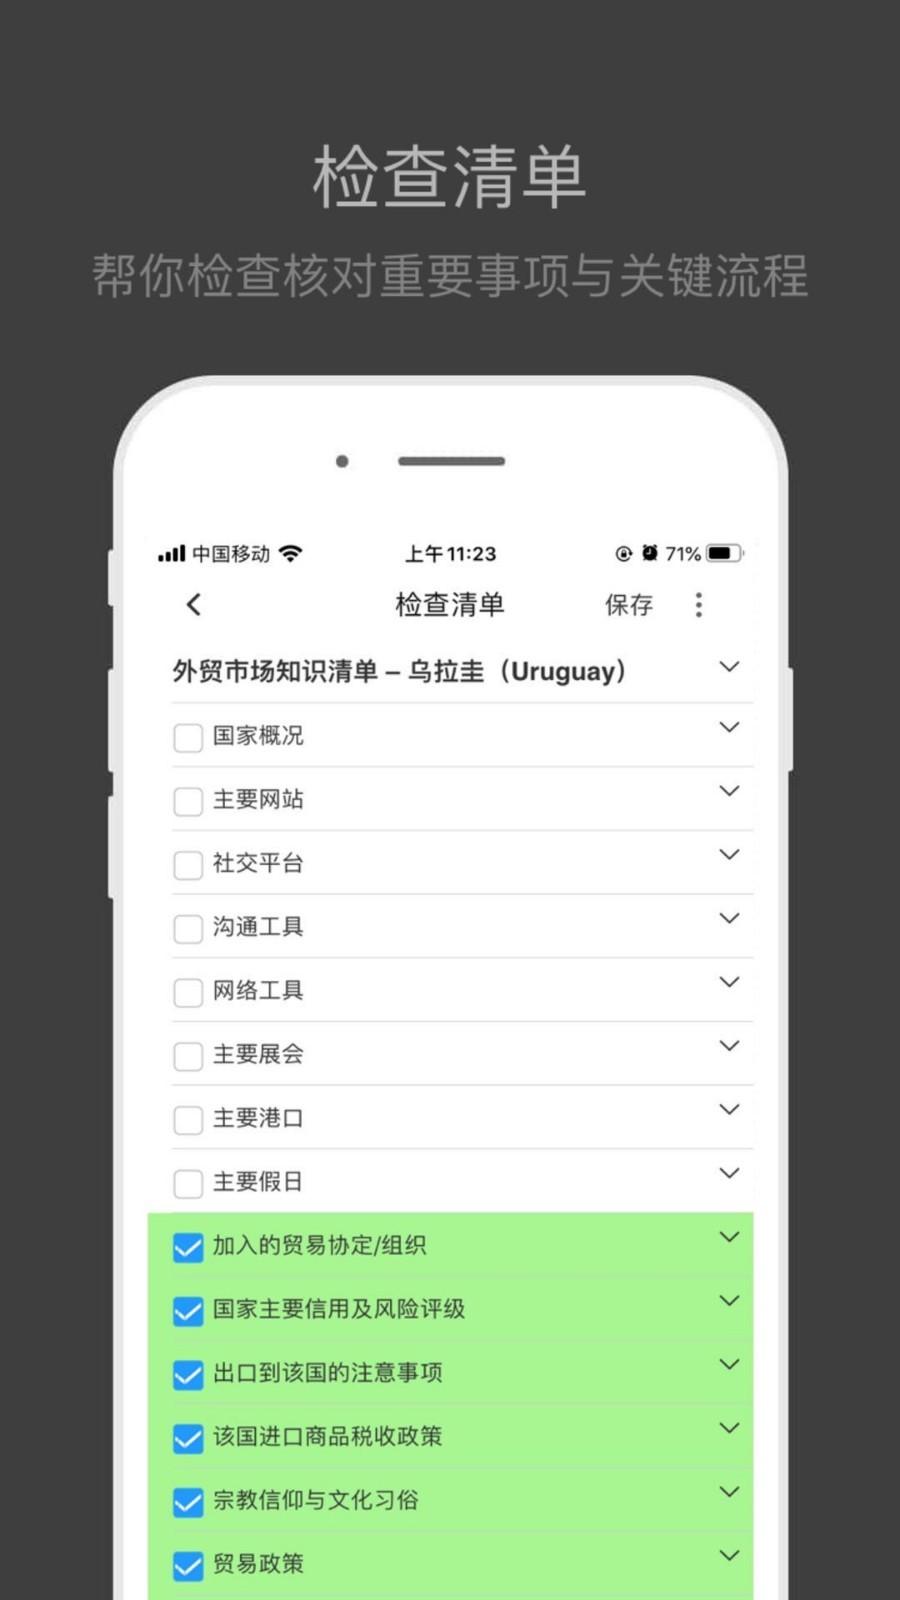 外贸清单 V1.0.1 安卓版截图3